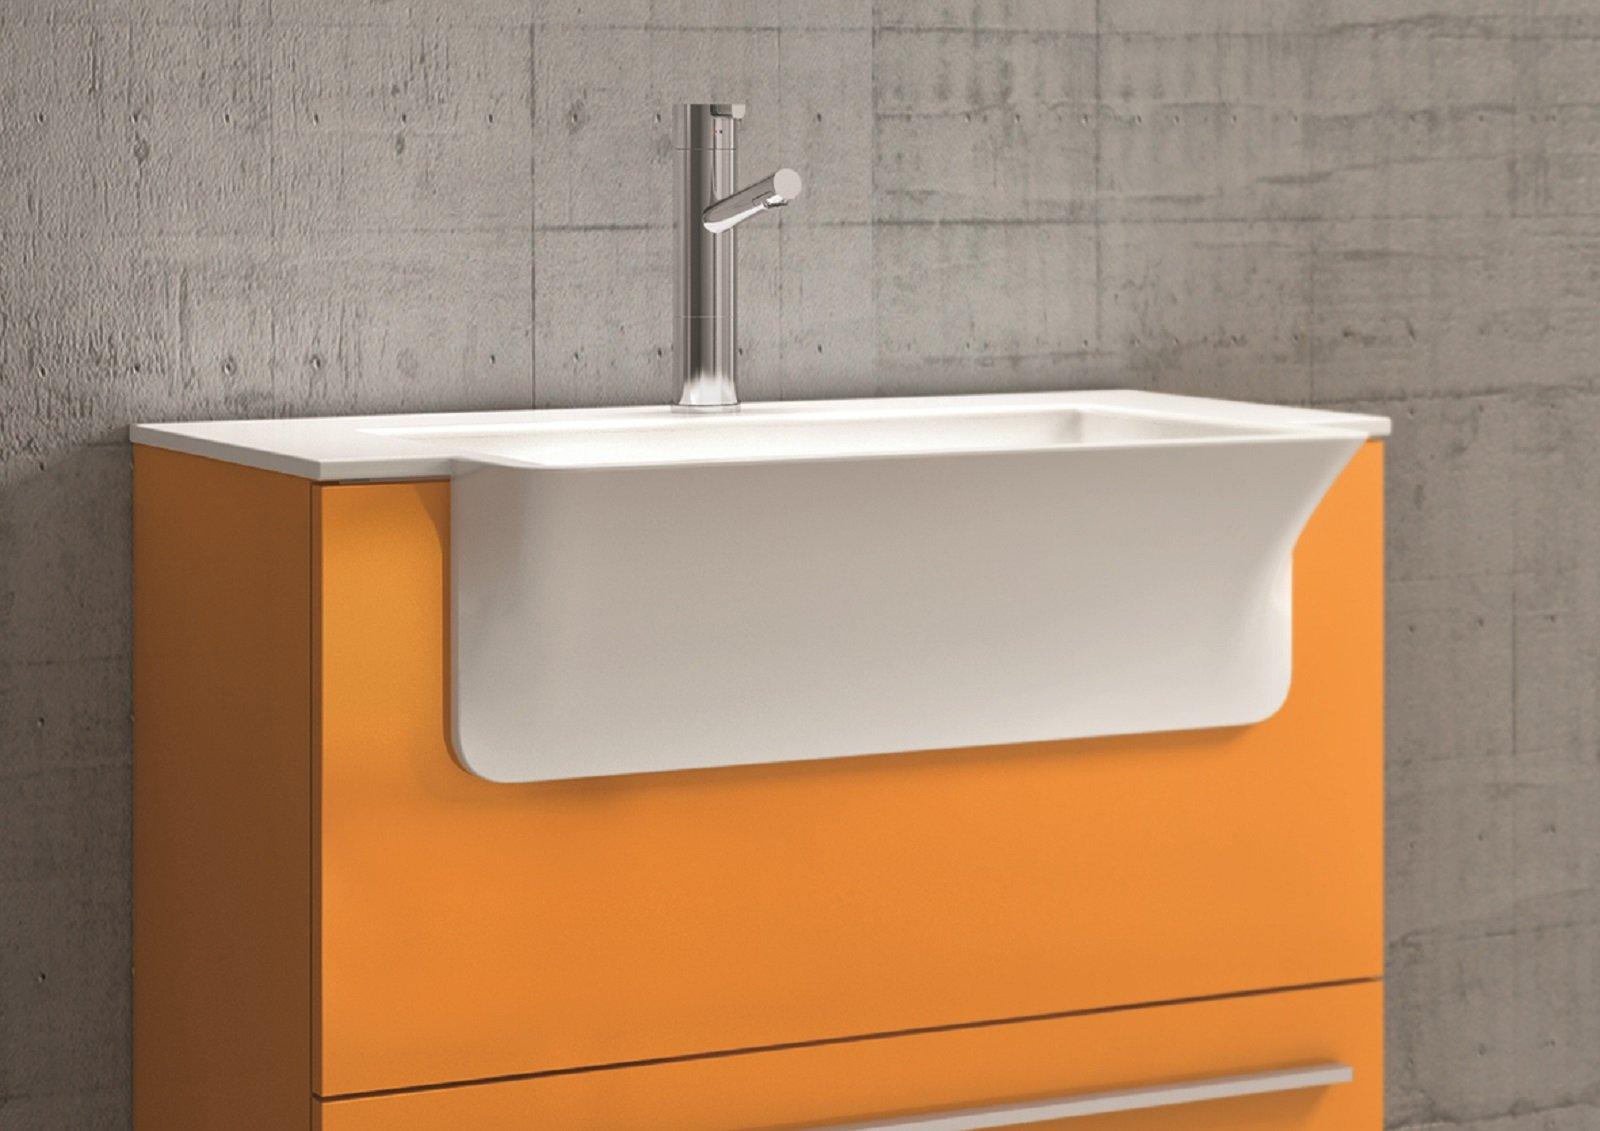 Vasca Da Bagno Ladybird Prezzo : Soluzioni salvaspazio per il bagno per risparmiare centimetri